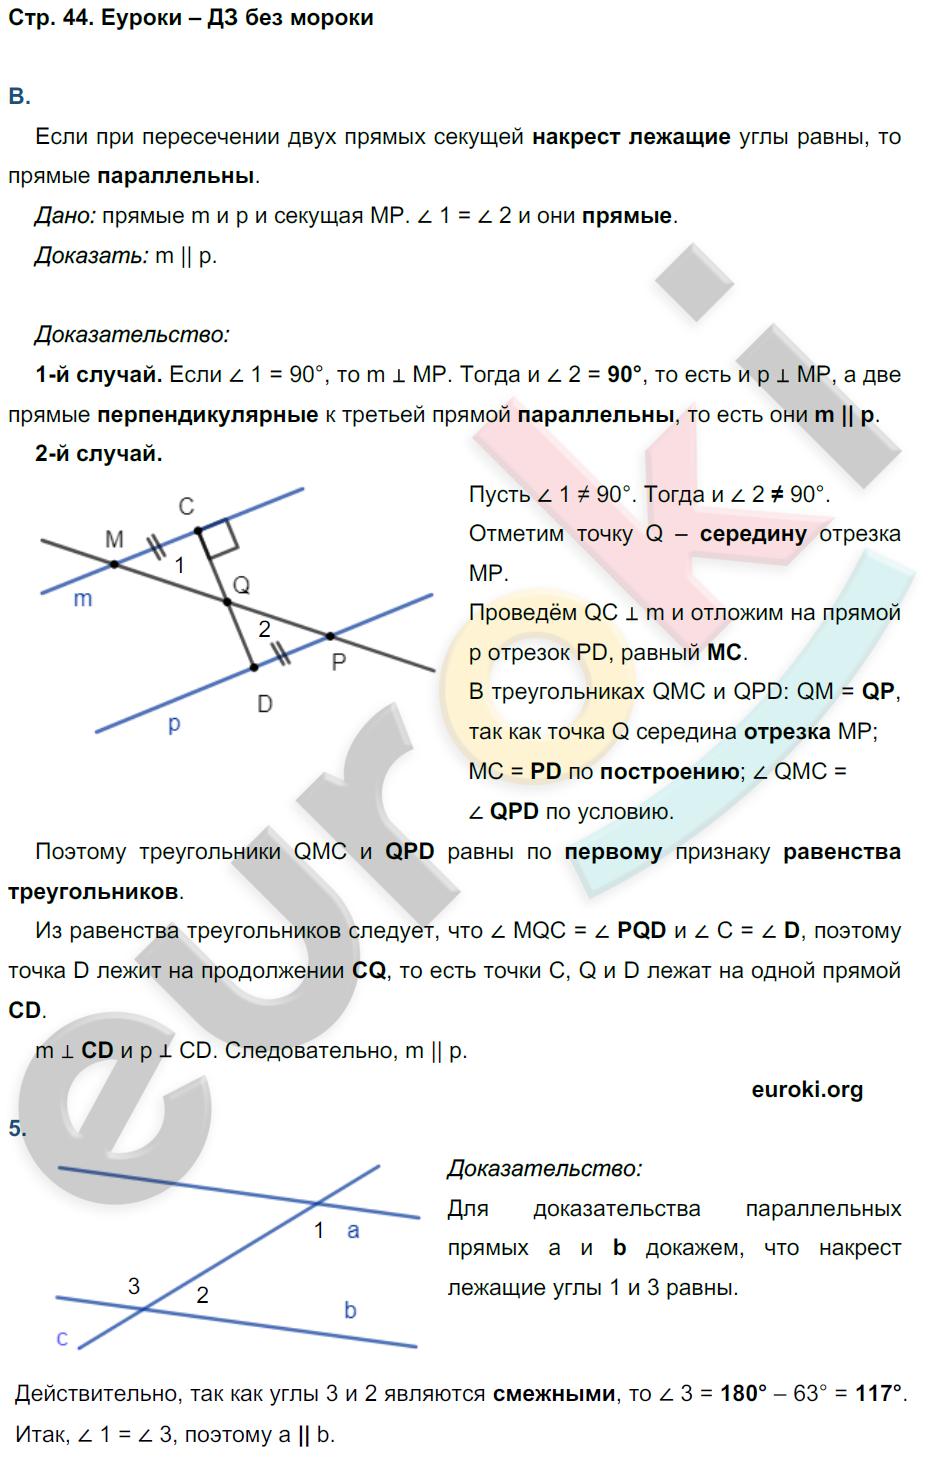 ГДЗ по геометрии 7 класс рабочая тетрадь Глазков, Камаев. К учебнику Атанасяна. Задание: стр. 44